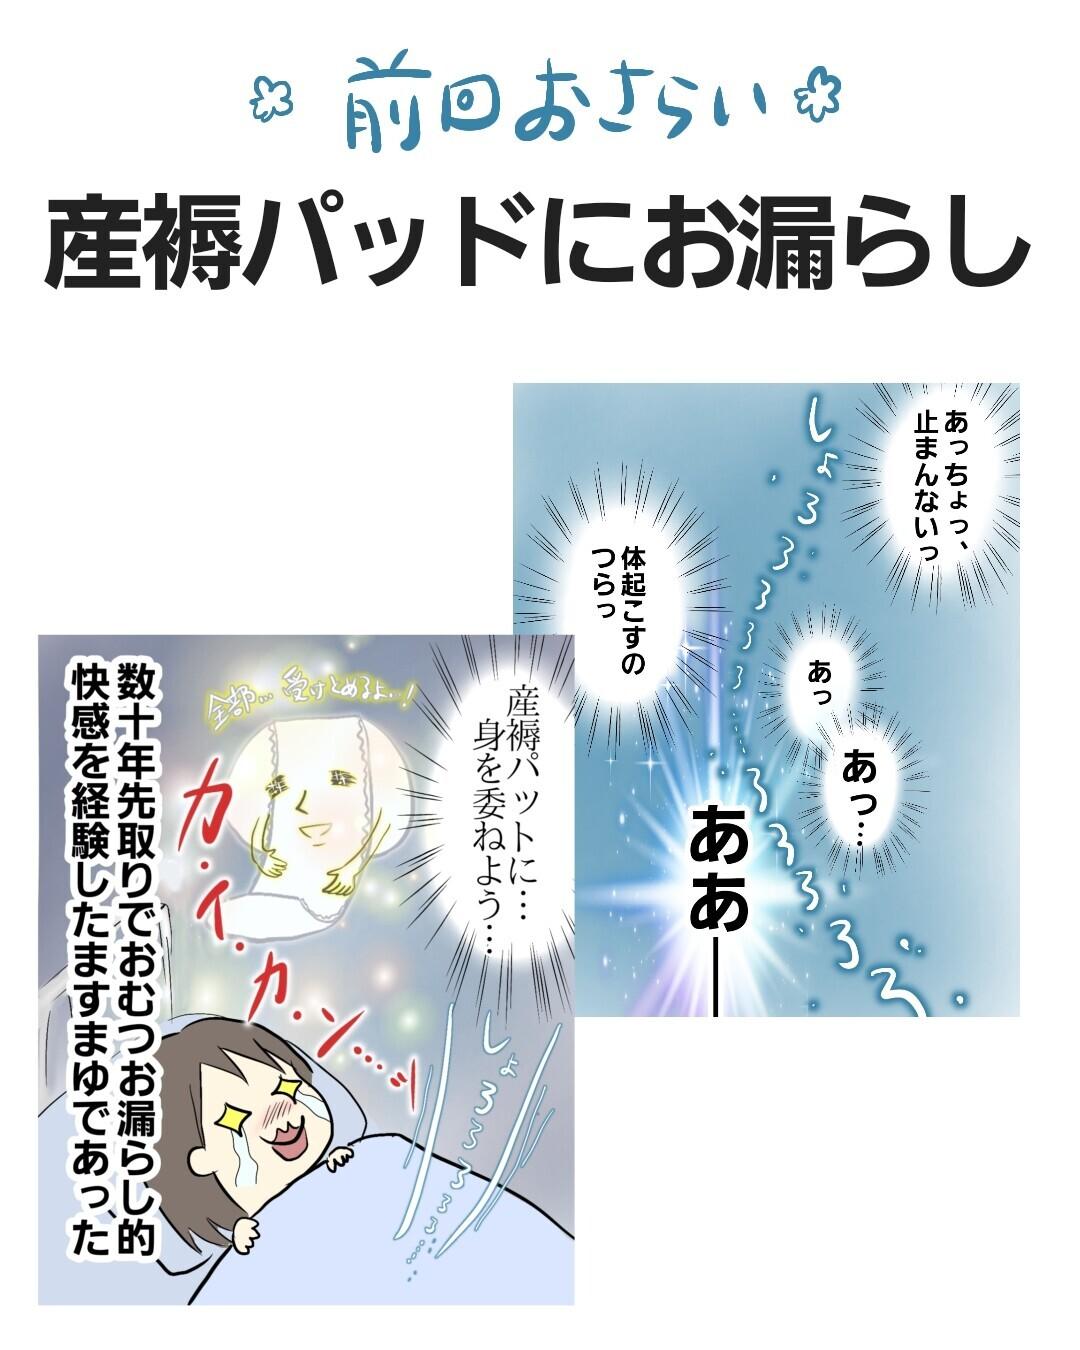 育児はエンドレス…母子同室は迷わず「明日から」を選択!【お産ウォーズ Vol.14】